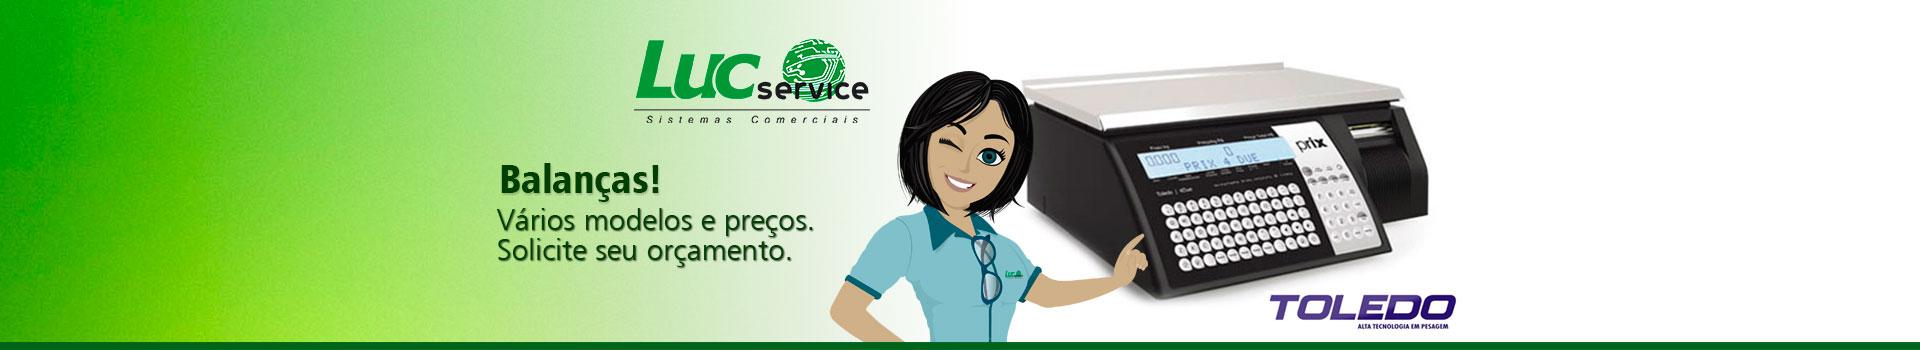 Balanças Luc Service